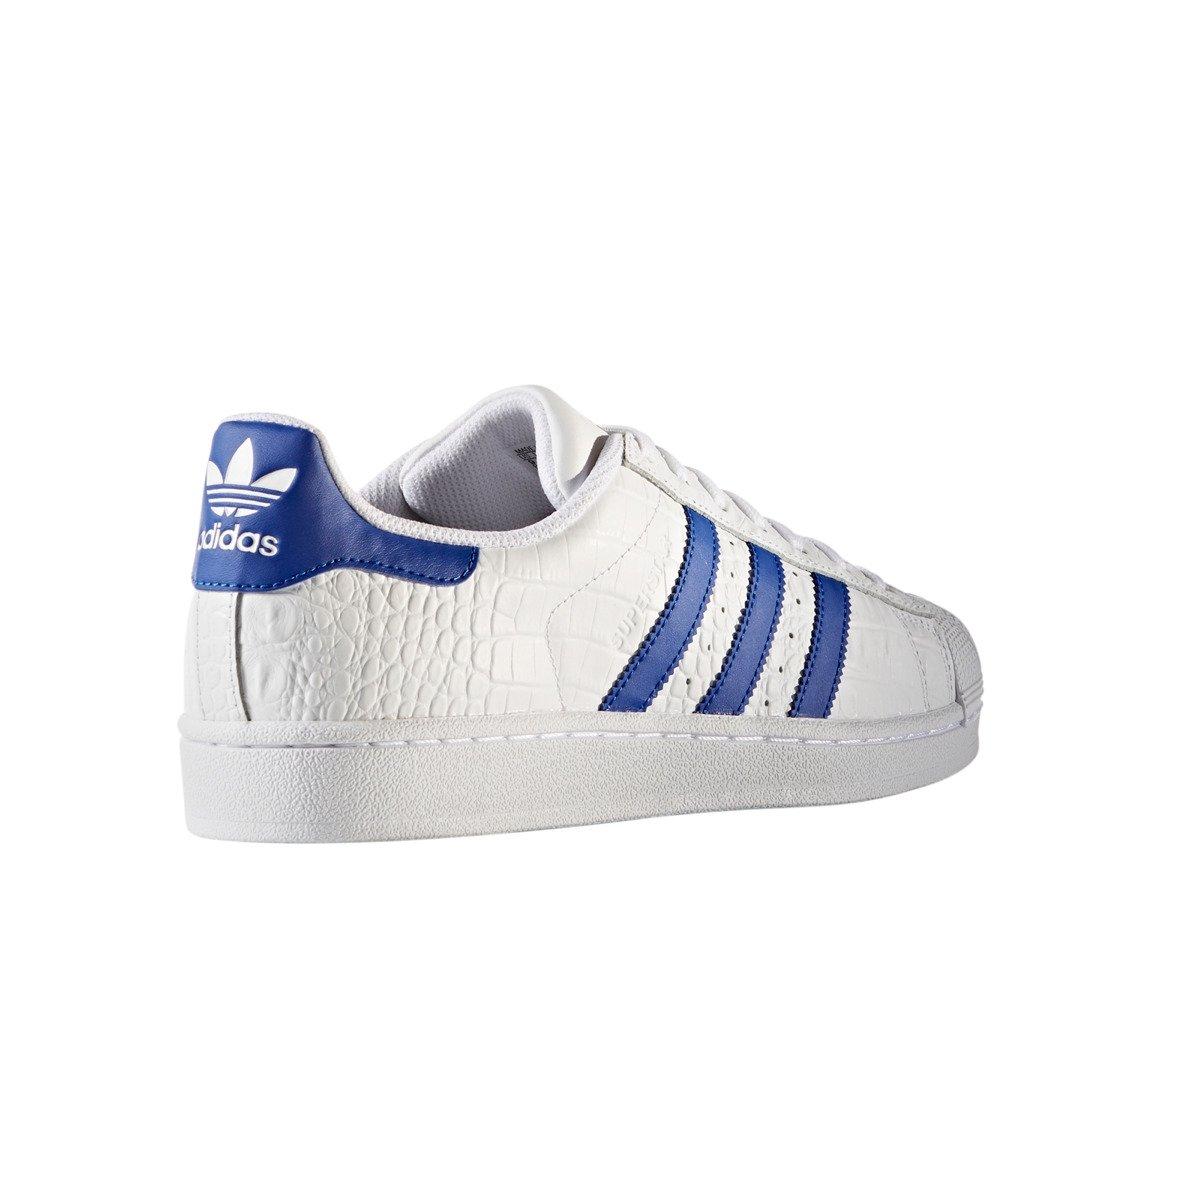 adidas originals superstar shoes bz0197 basketball. Black Bedroom Furniture Sets. Home Design Ideas